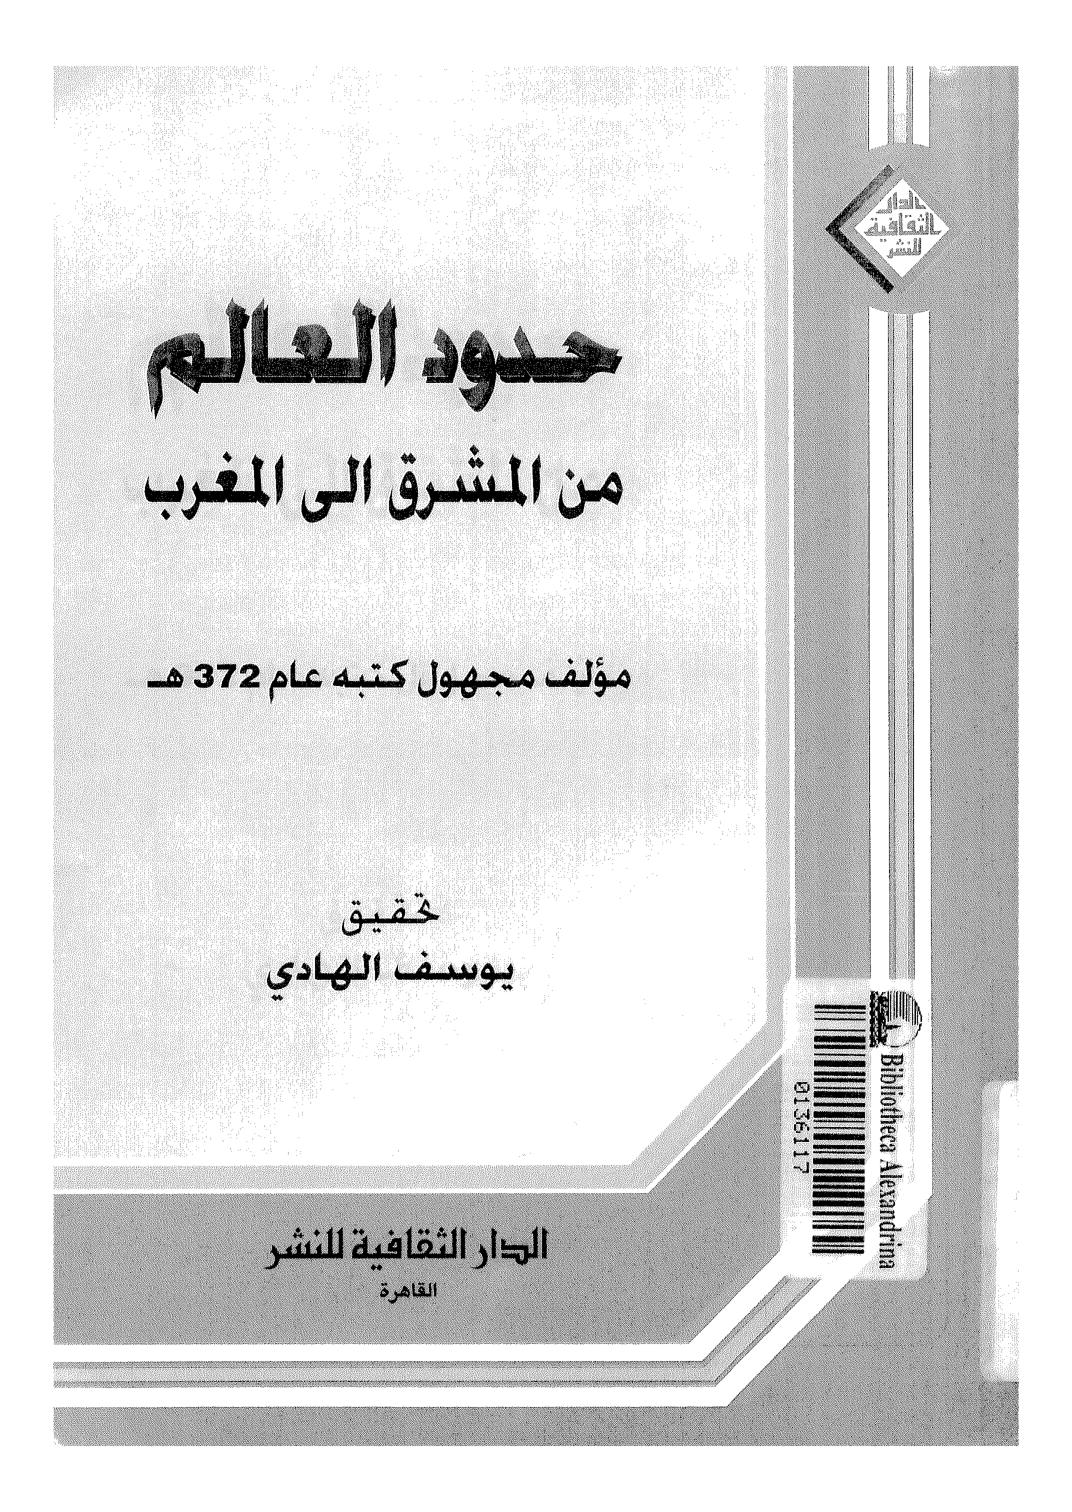 تحميل وقراءة أونلاين كتاب حدود العالم من المشرق إلى المغرب pdf مجاناً | مكتبة تحميل كتب pdf.